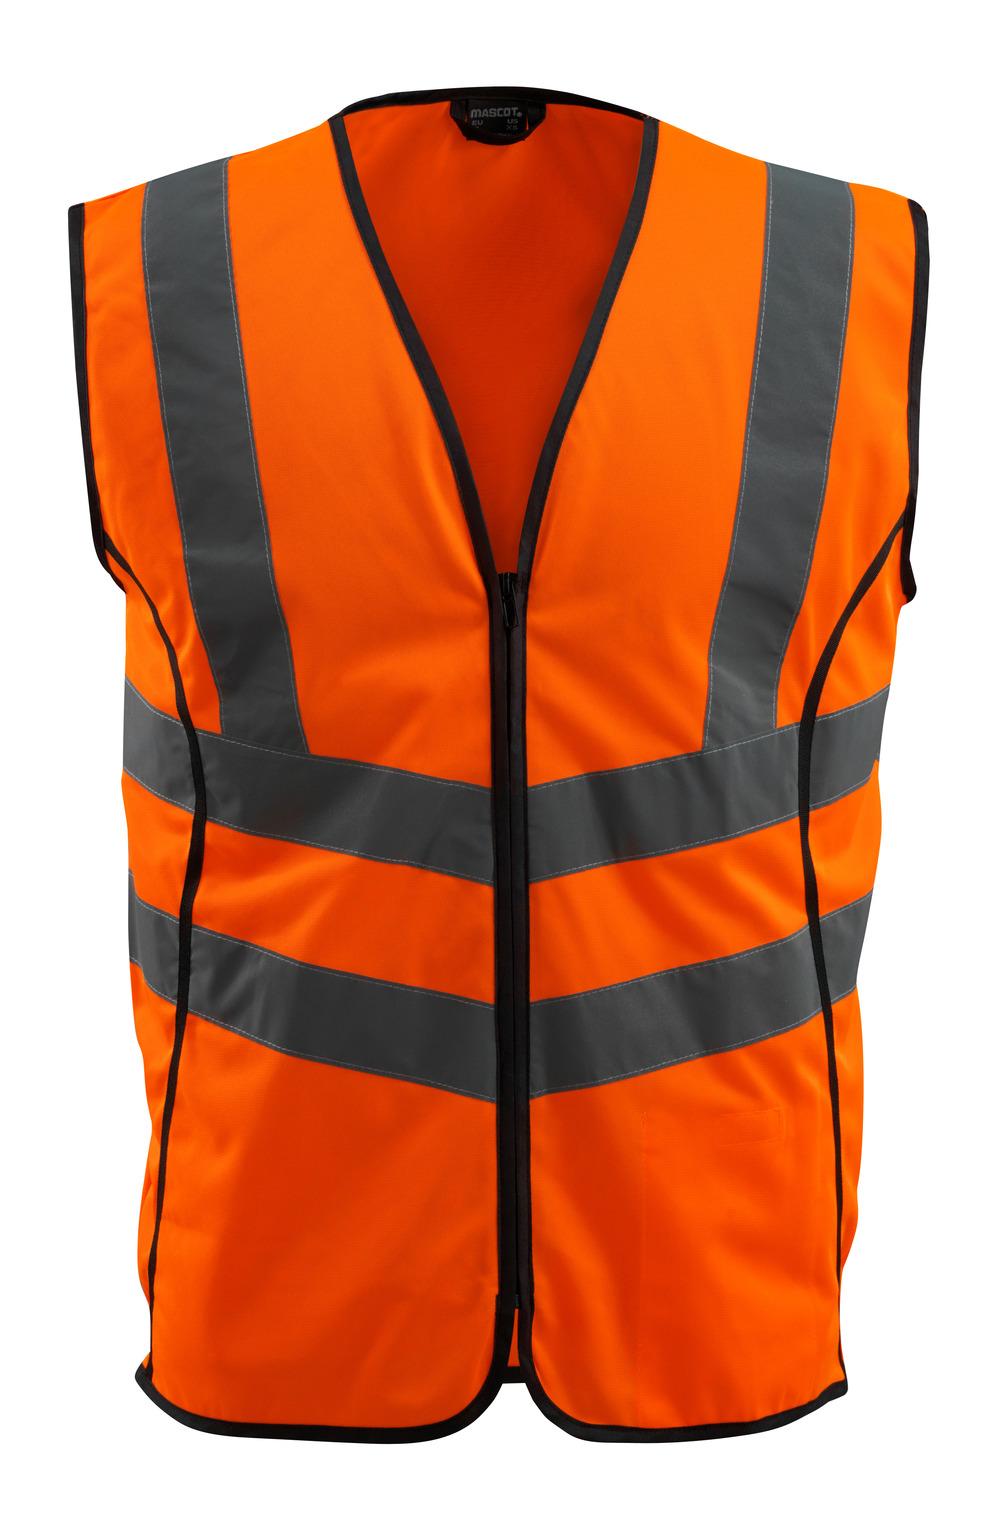 50145-977-14 Warnweste - hi-vis Orange